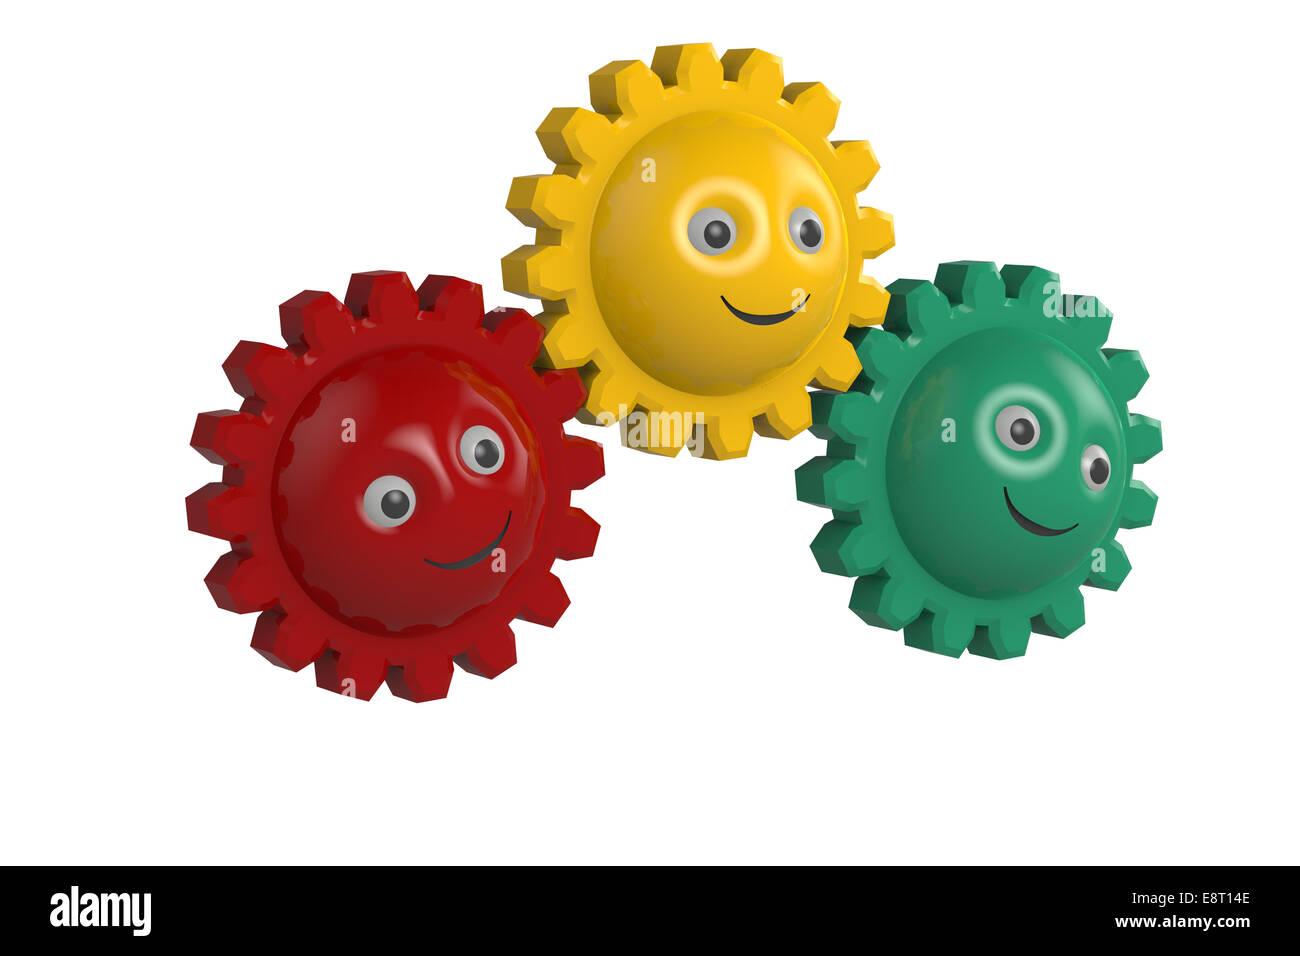 Símbolo de smiley 3D esferas con engranajes Imagen De Stock